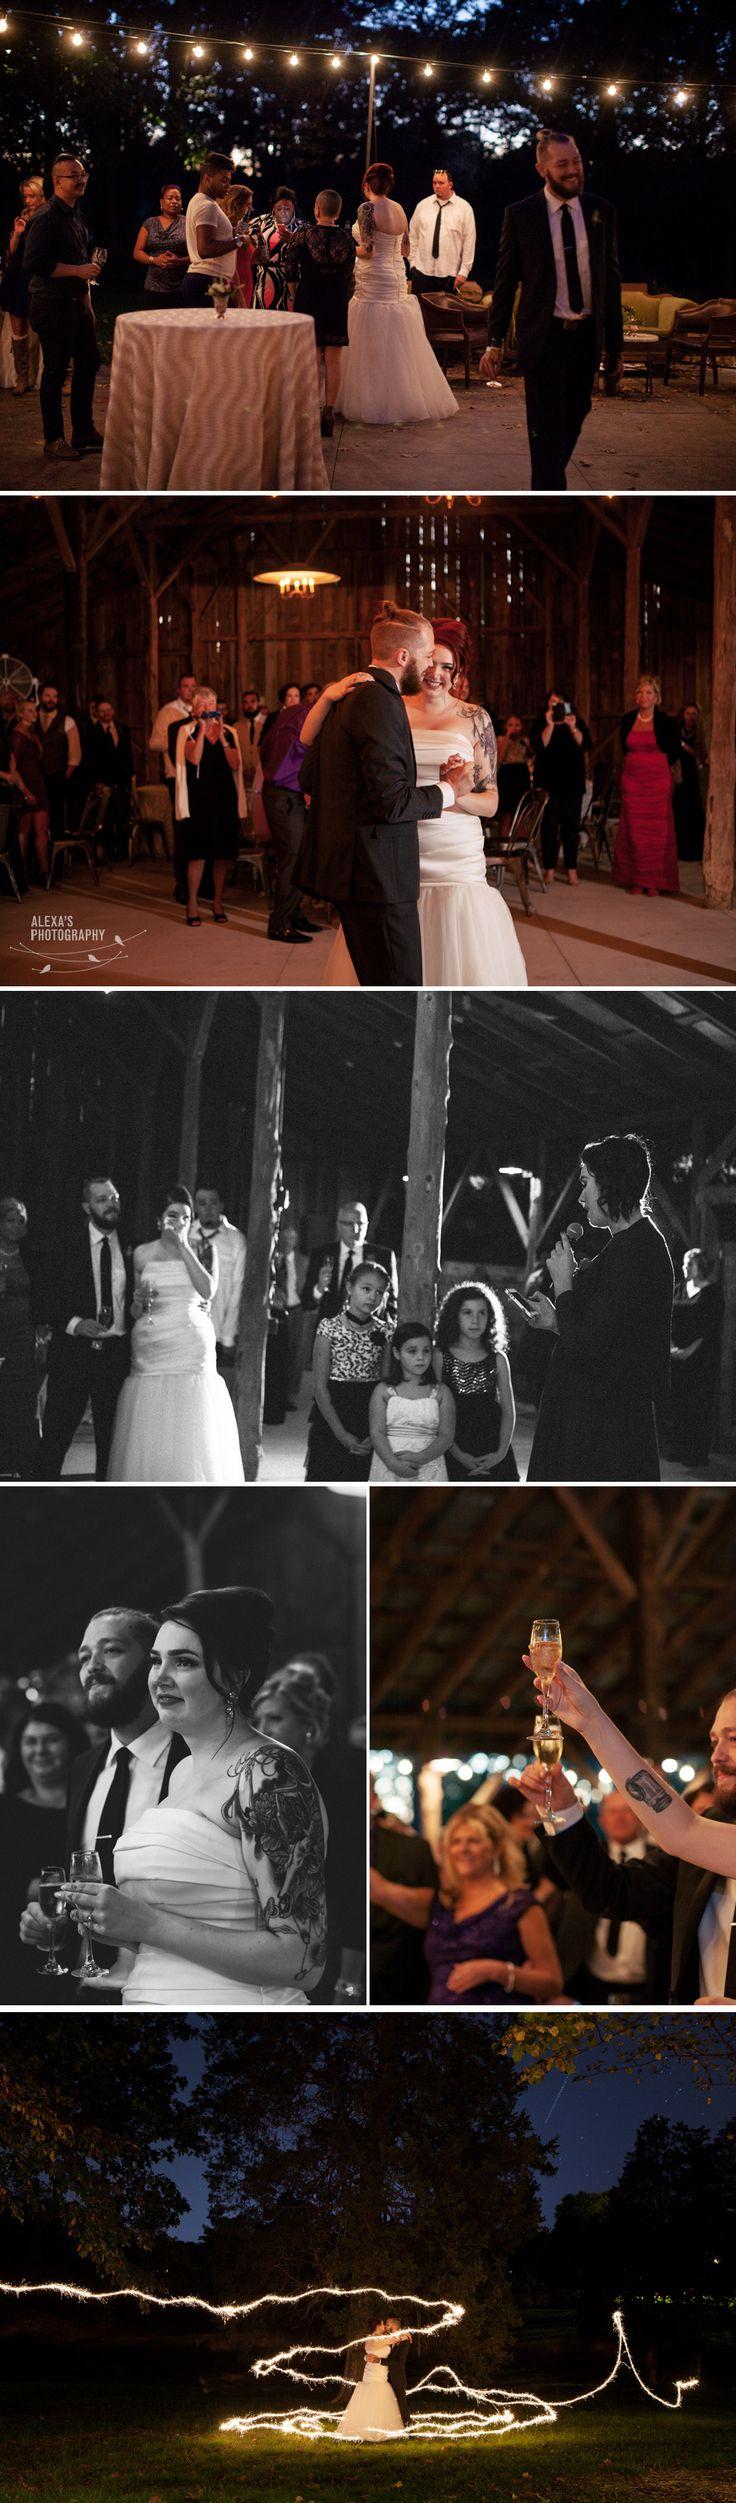 Kathryn and shawn wedding